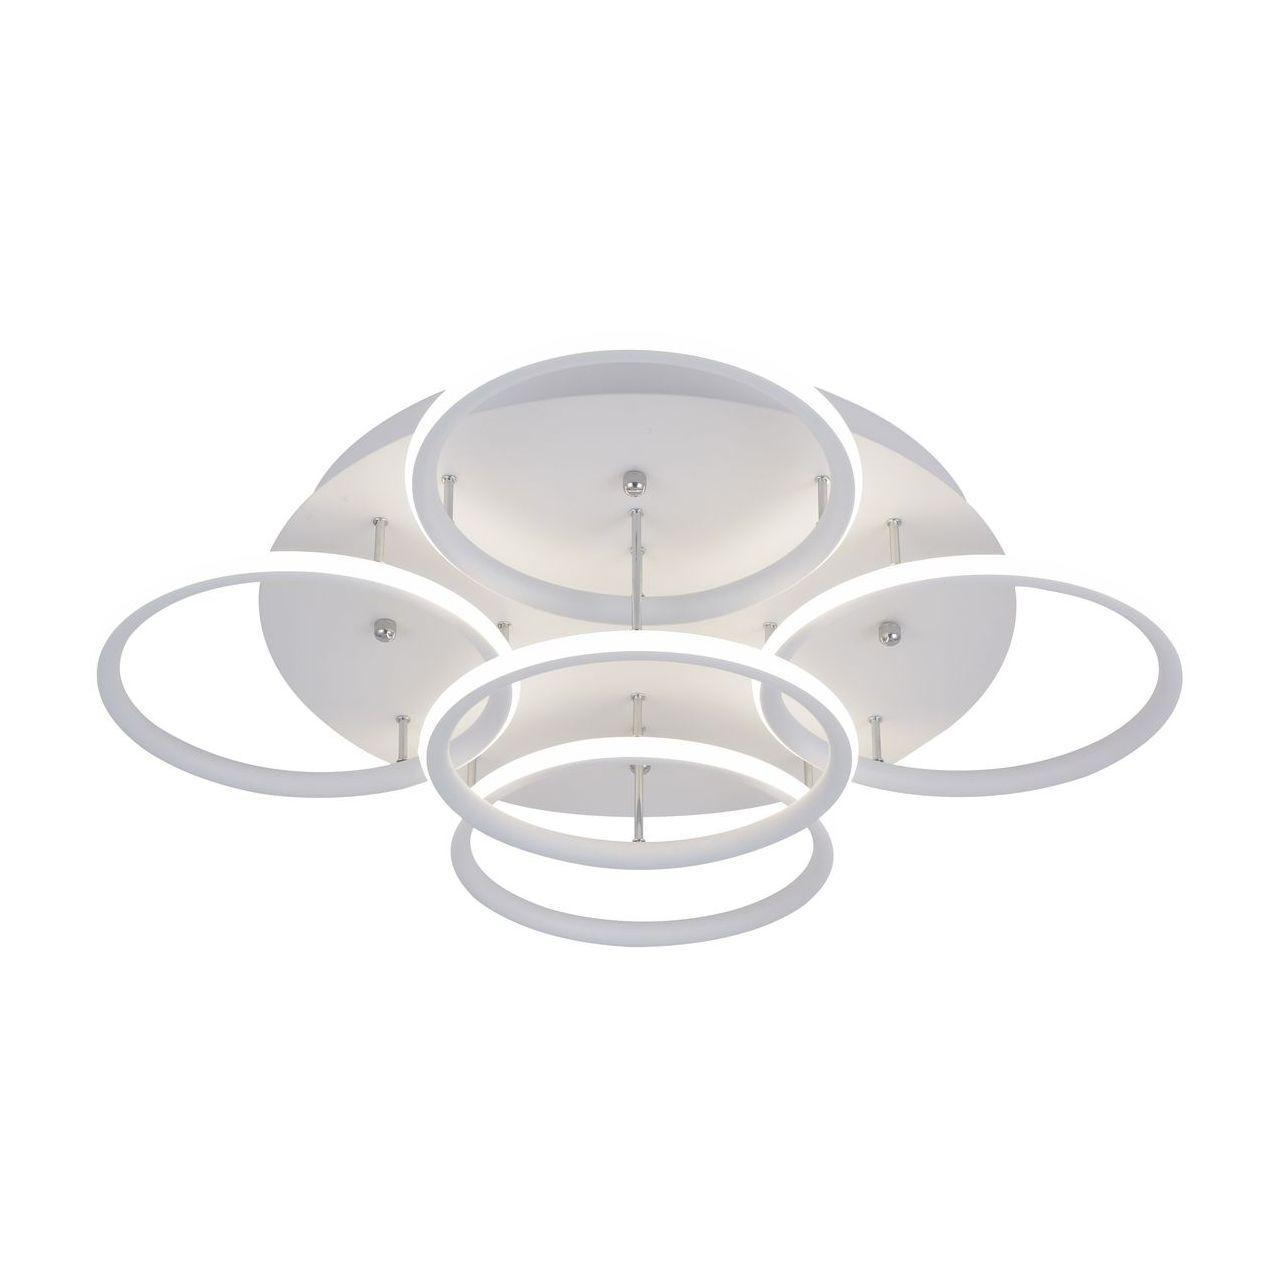 Люстра Arte Lamp A2500PL-5WH потолочная люстра потолочная lumin arte santafe santafe cl60e27 5wh